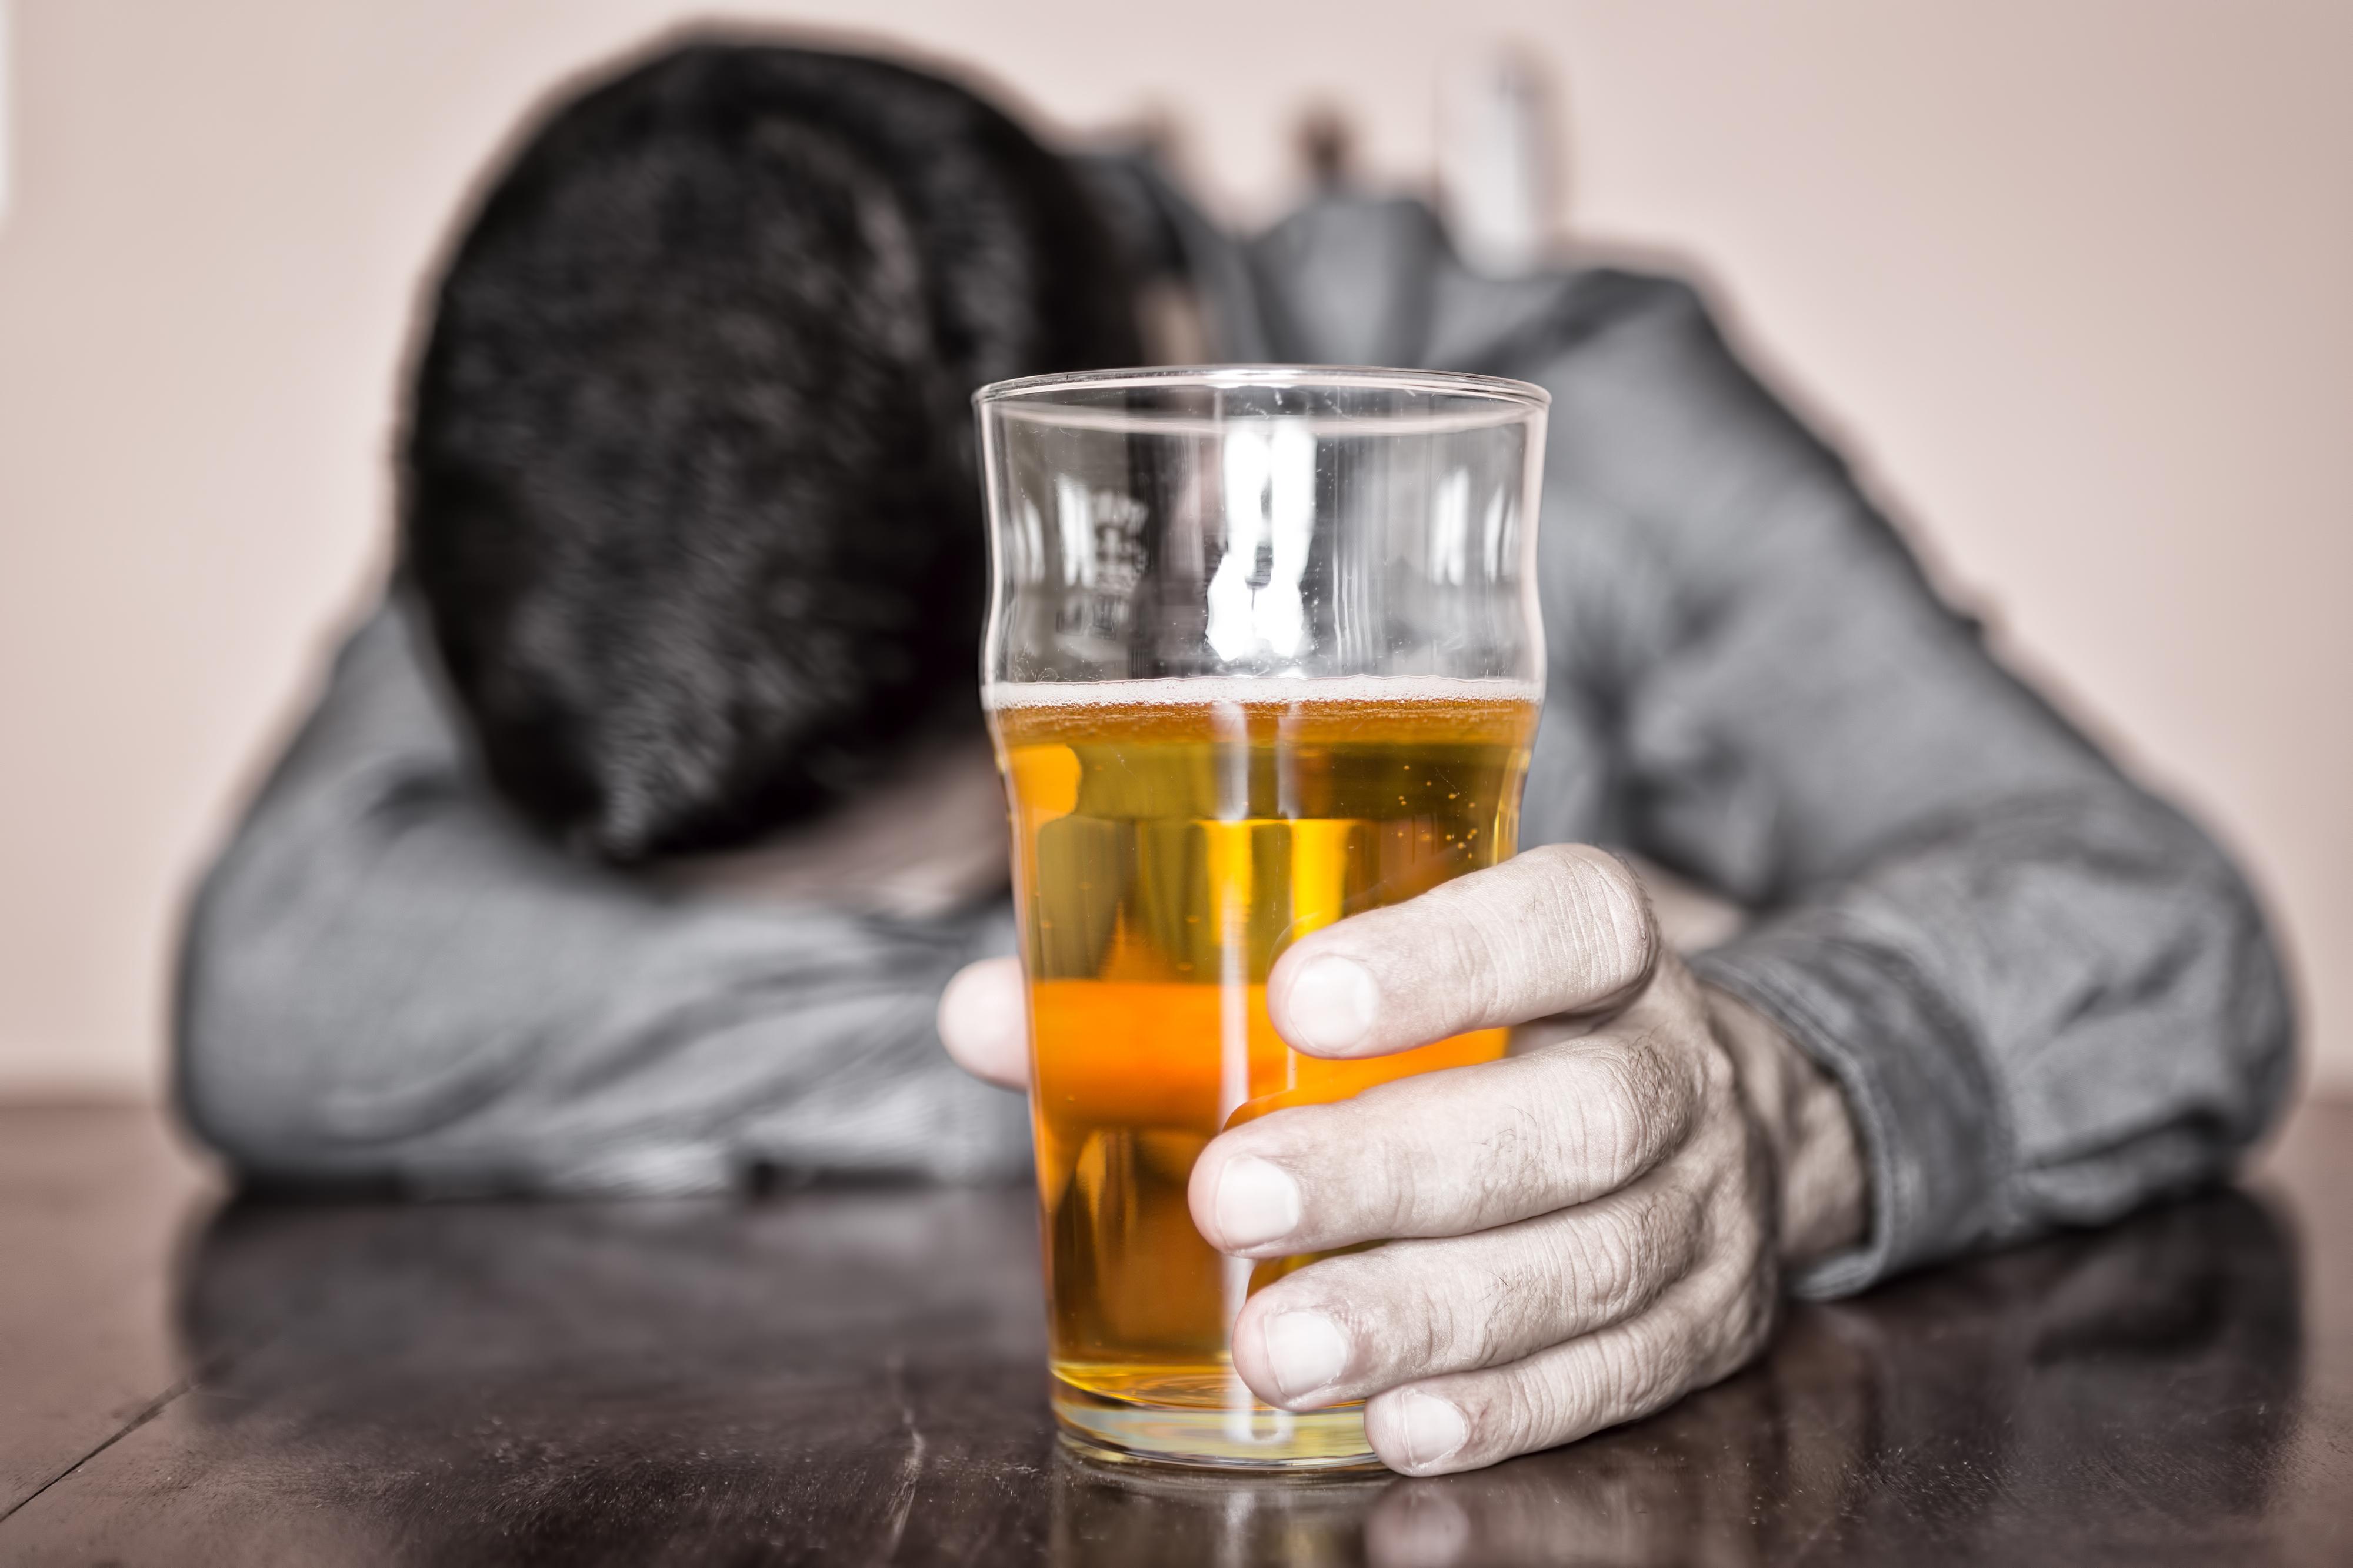 В Великоустюгском районе спасатели двое суток искали мужчину, который пьянствовал в соседней деревне